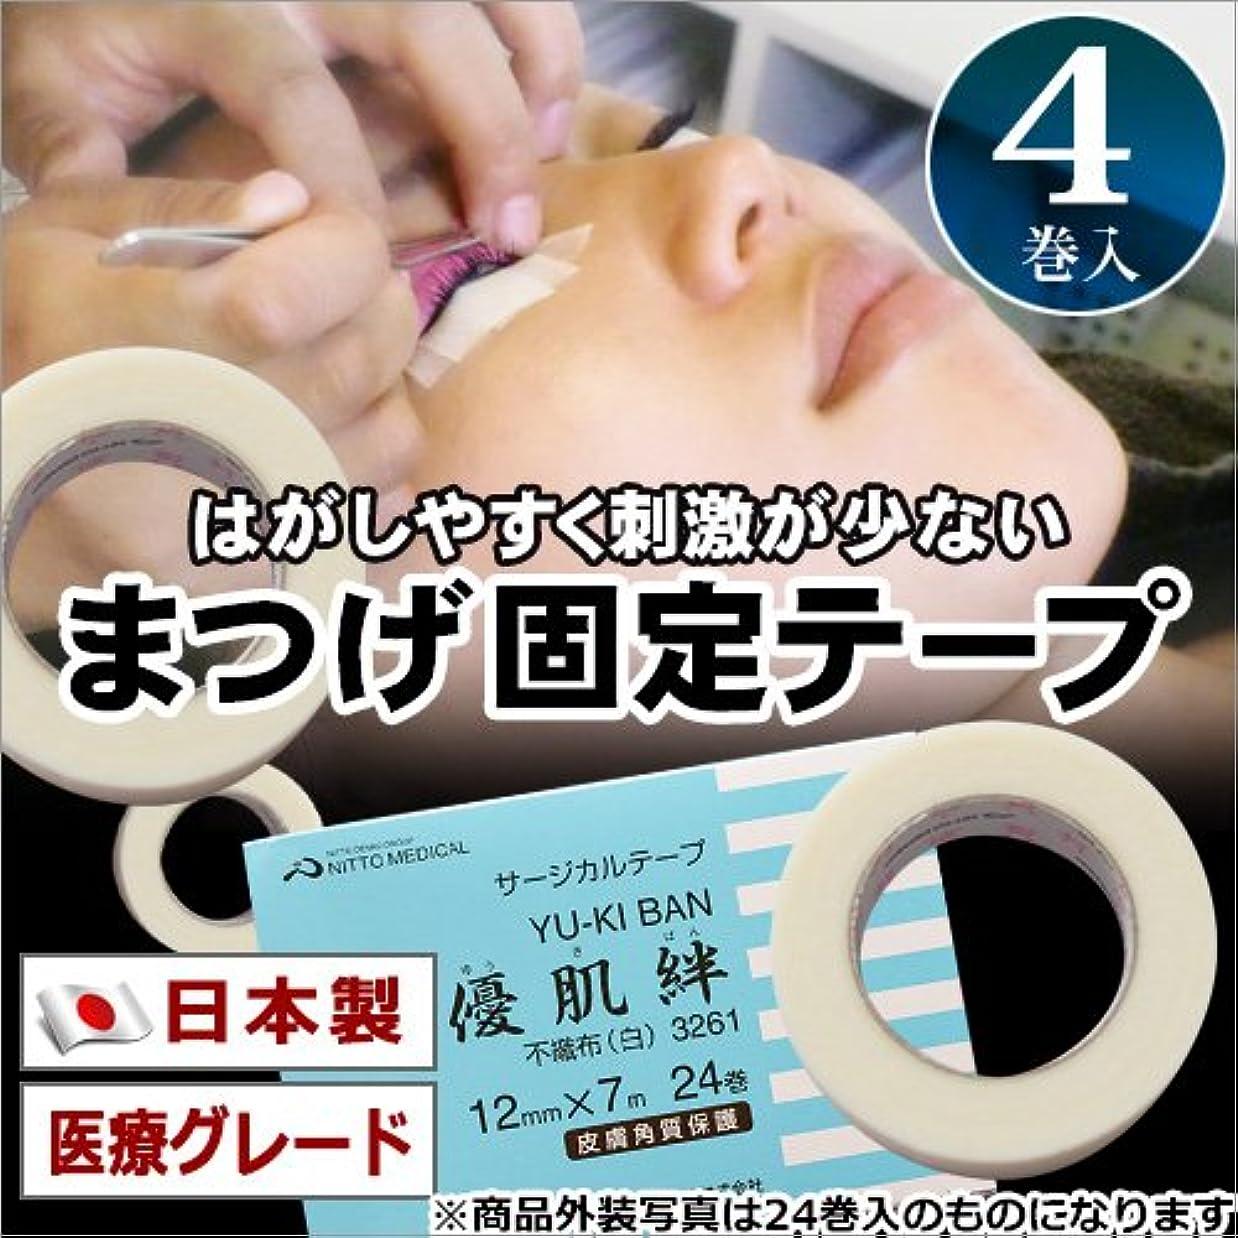 ぴかぴかマスク流産日本製 医療グレード アイラッシュテープ(まつげ固定テープ)4巻